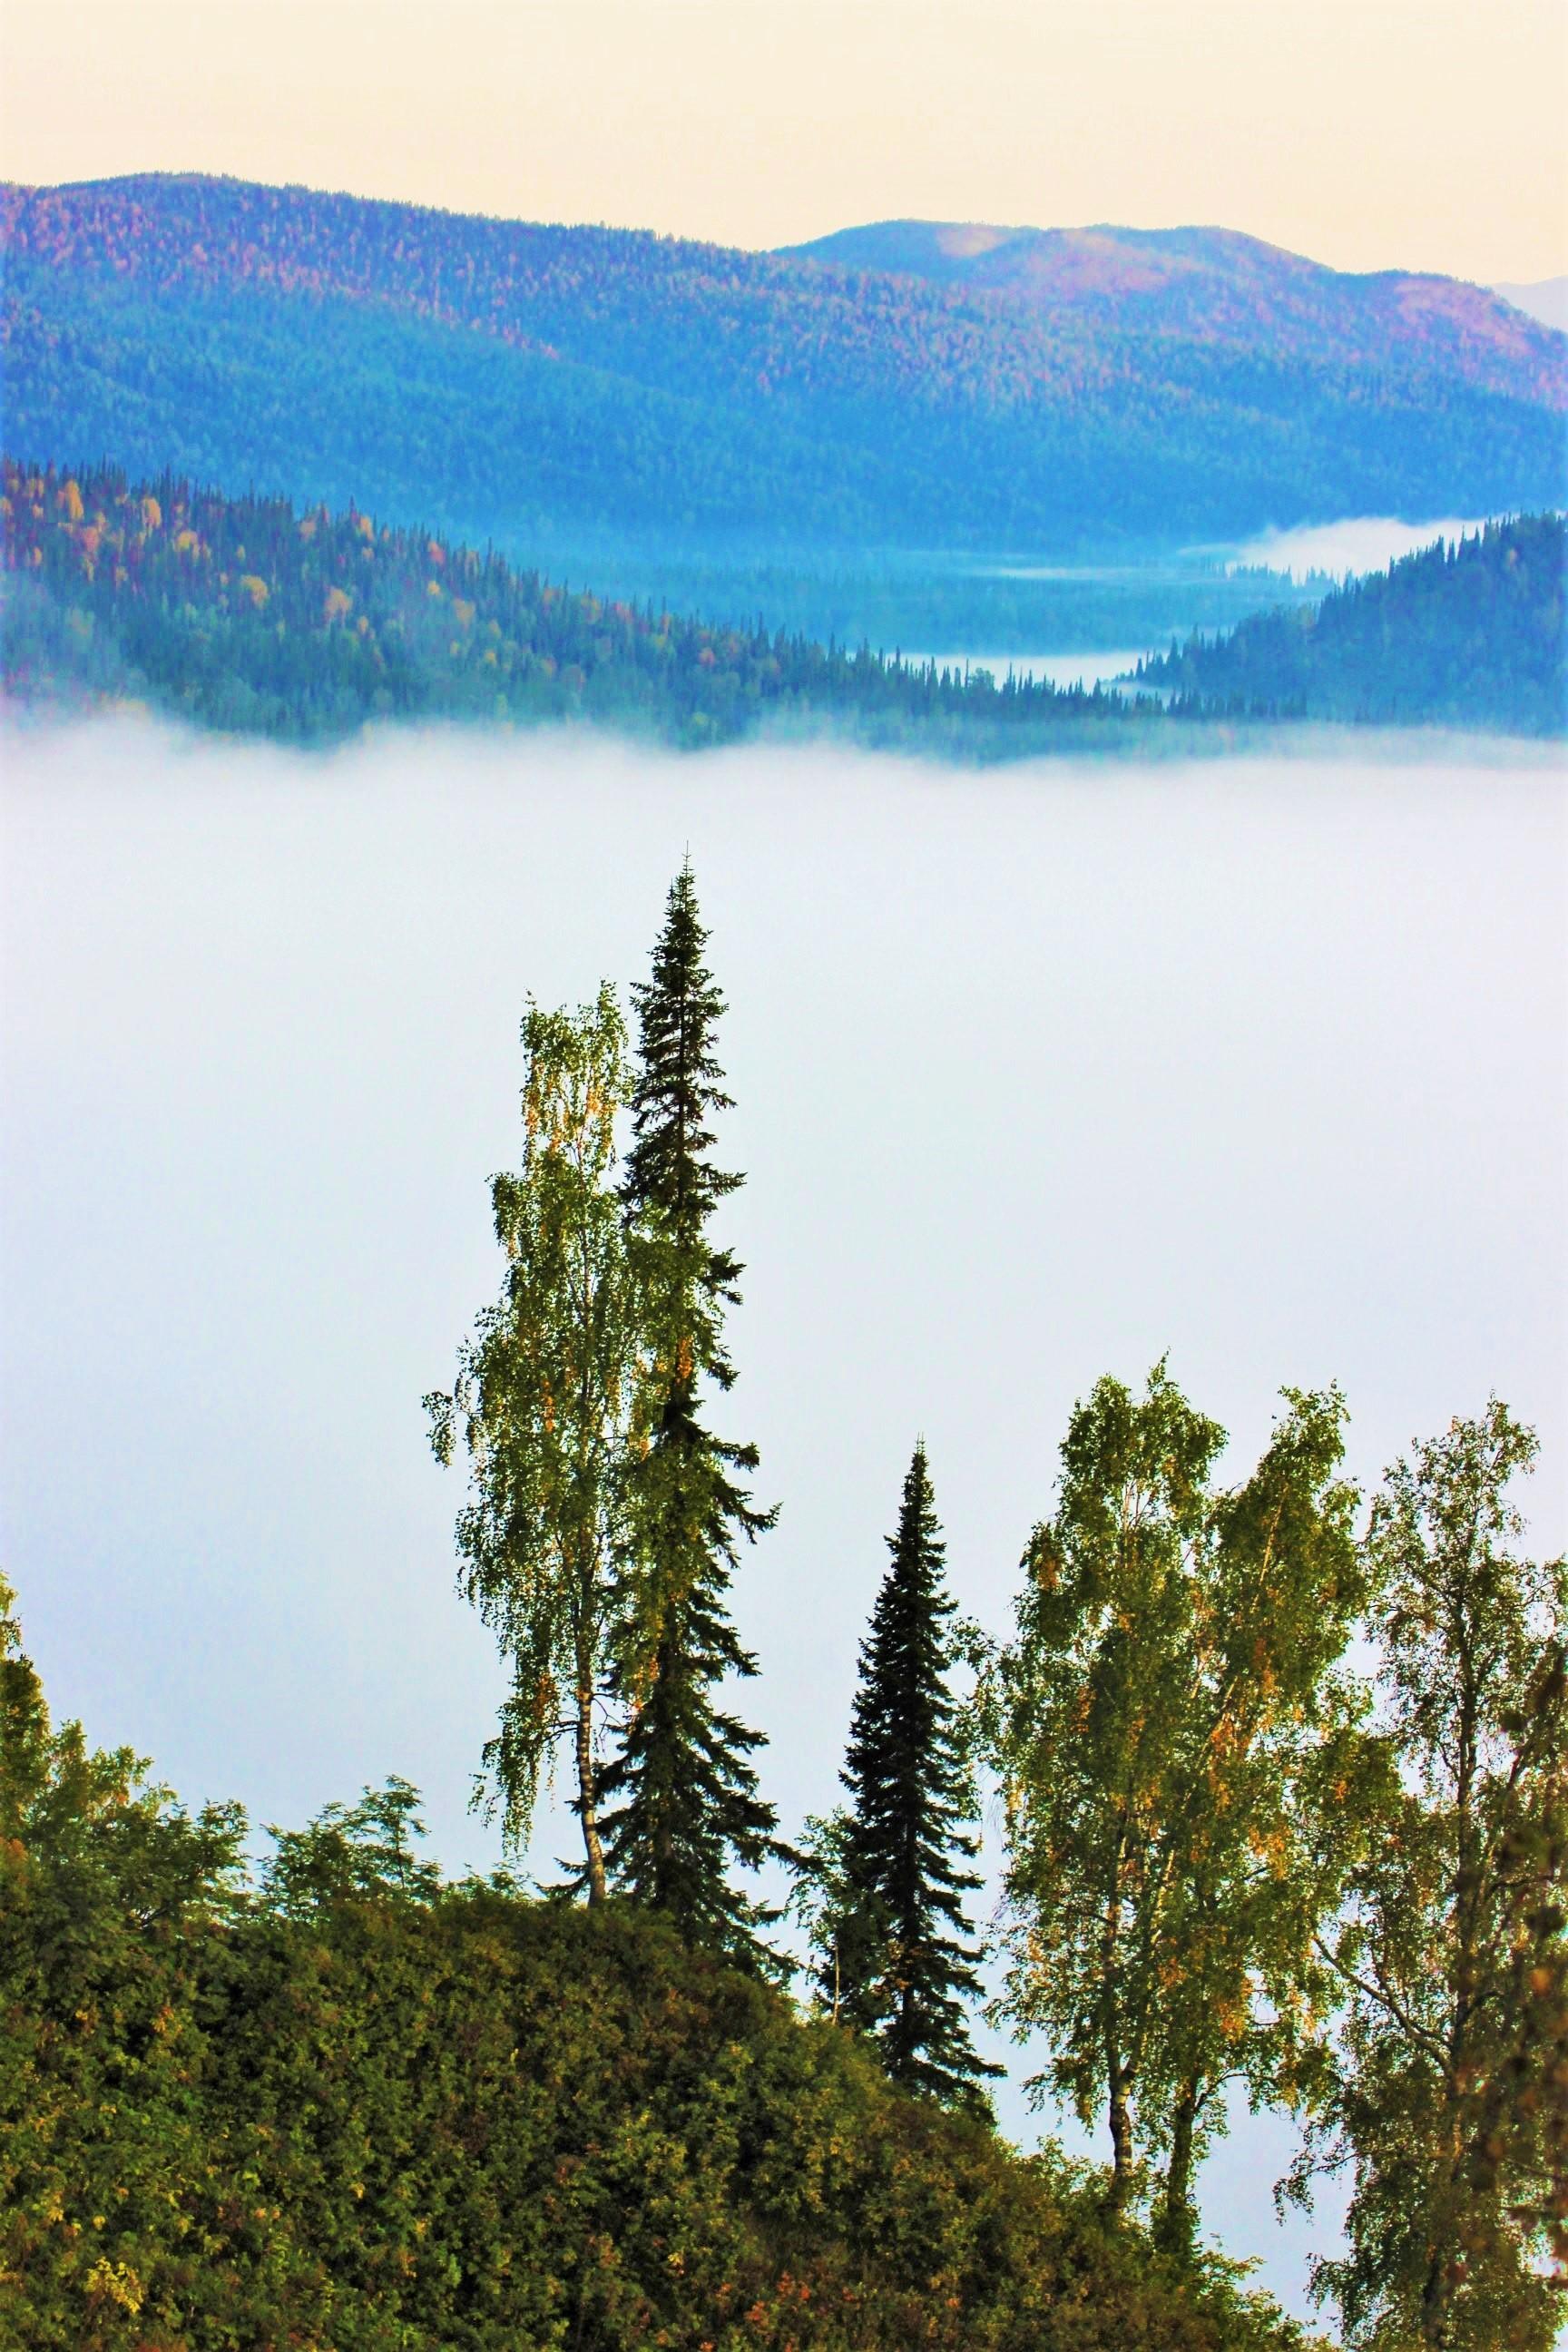 IMG_7824.JPG Пред озером тумана